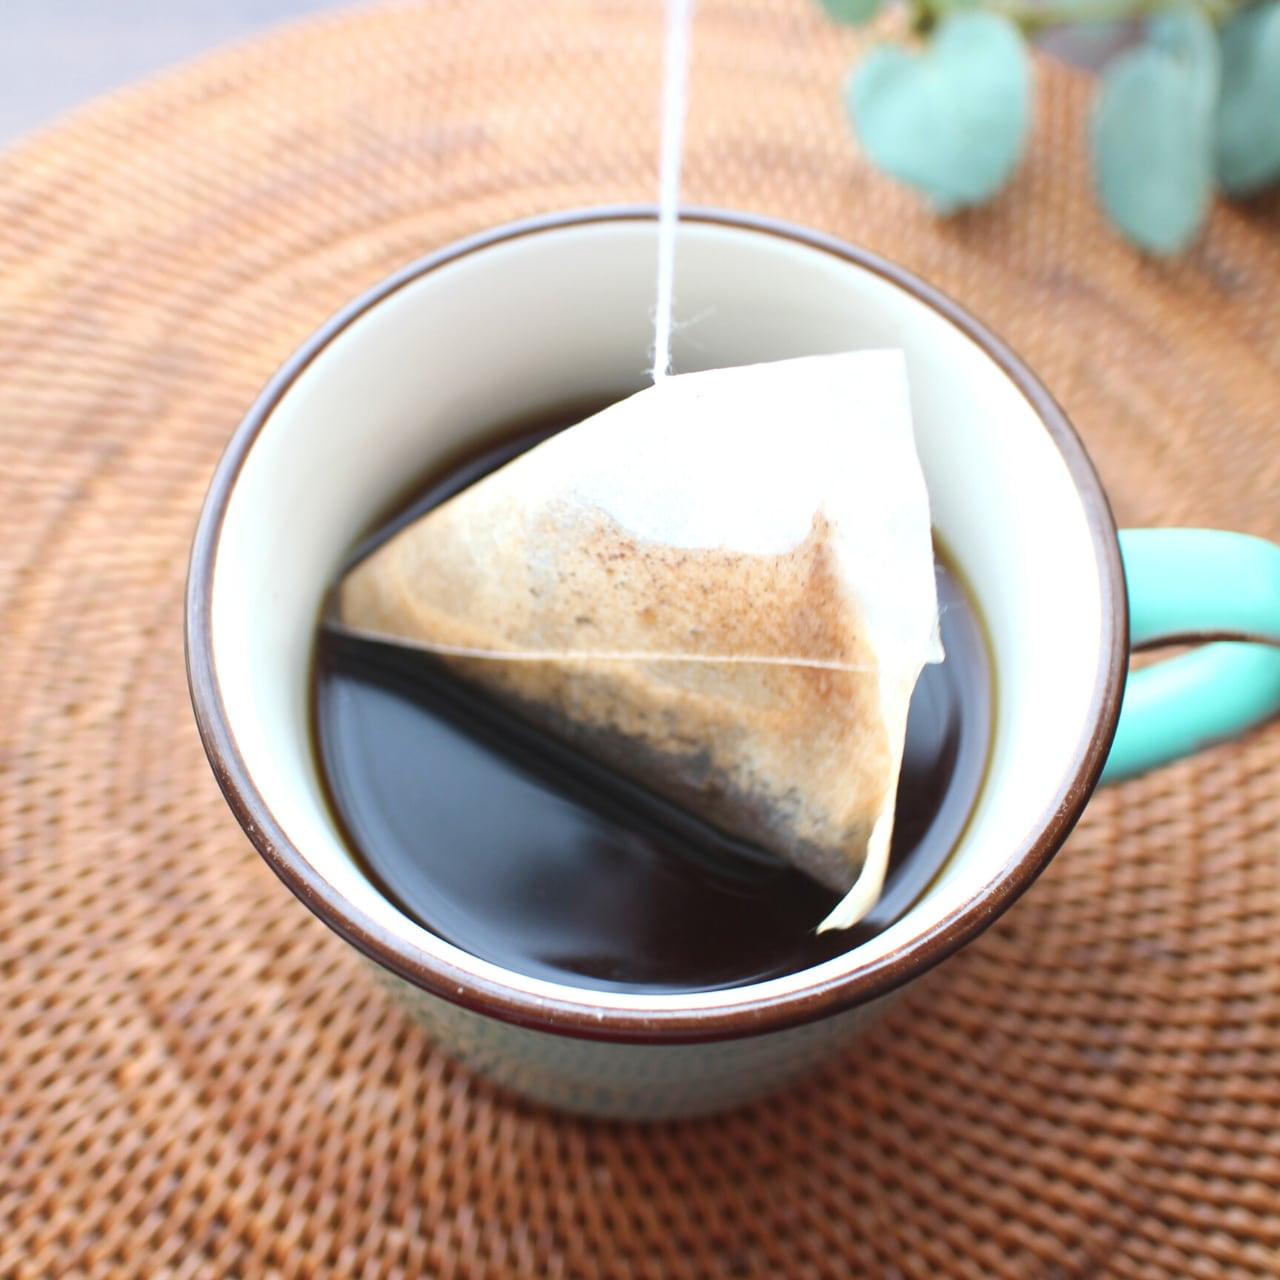 コーヒーバッグ 10個入り    ★お好きなコーヒー豆を選んでください★